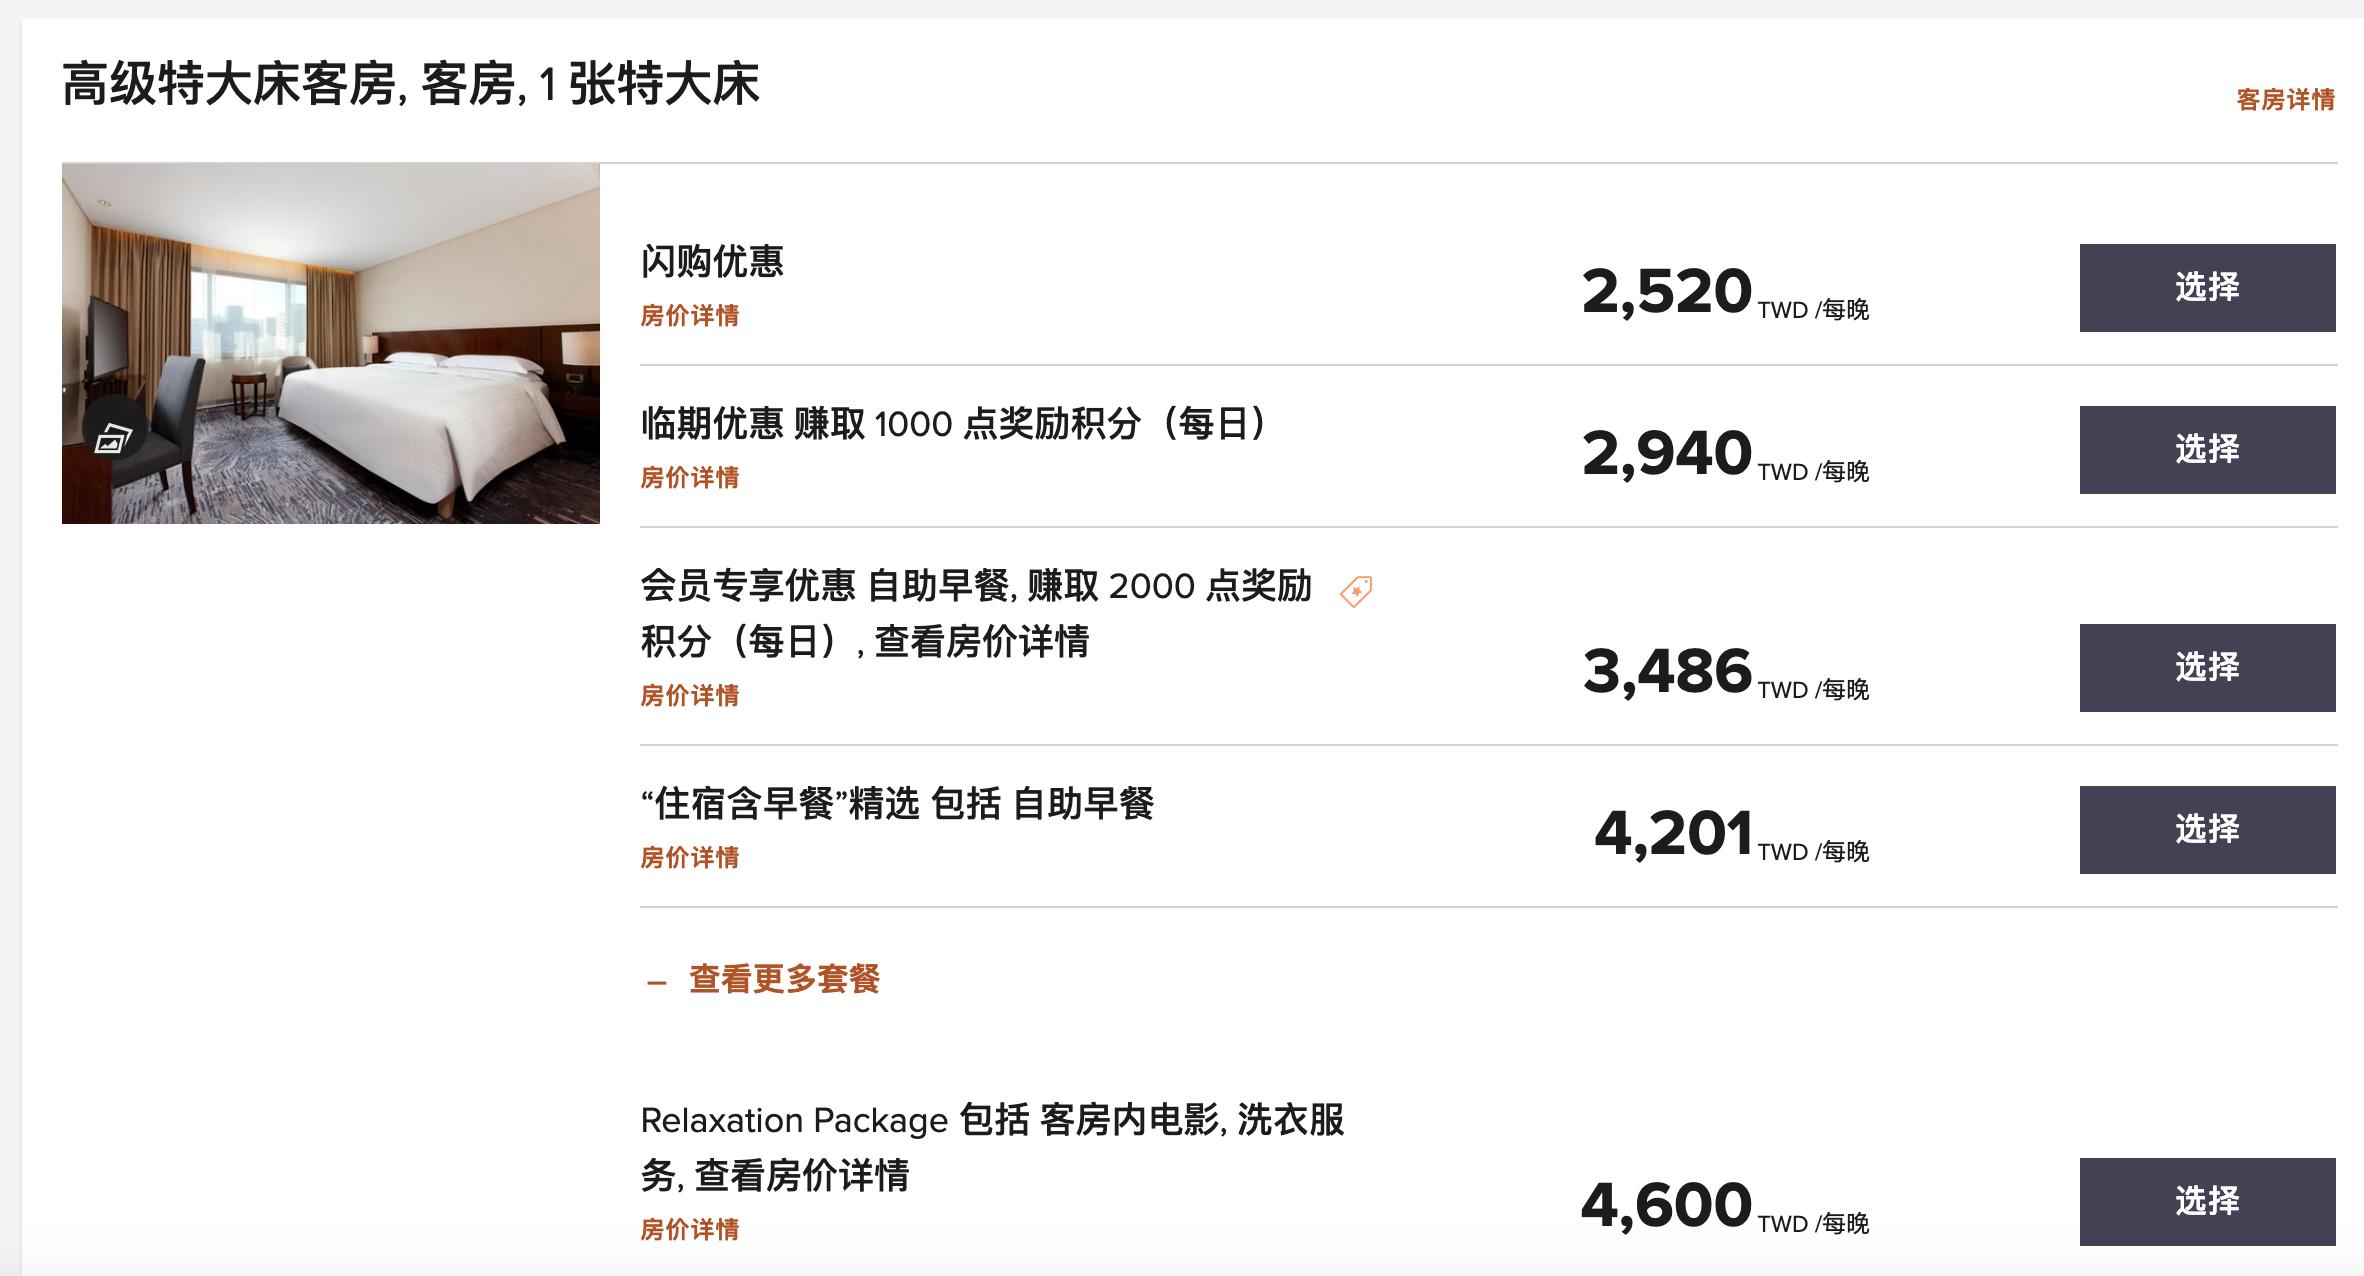 喜來登萬豪會員入住|2500起,可安心旅遊補助~享有積分點數回饋~最低1.5K可以入住喔!